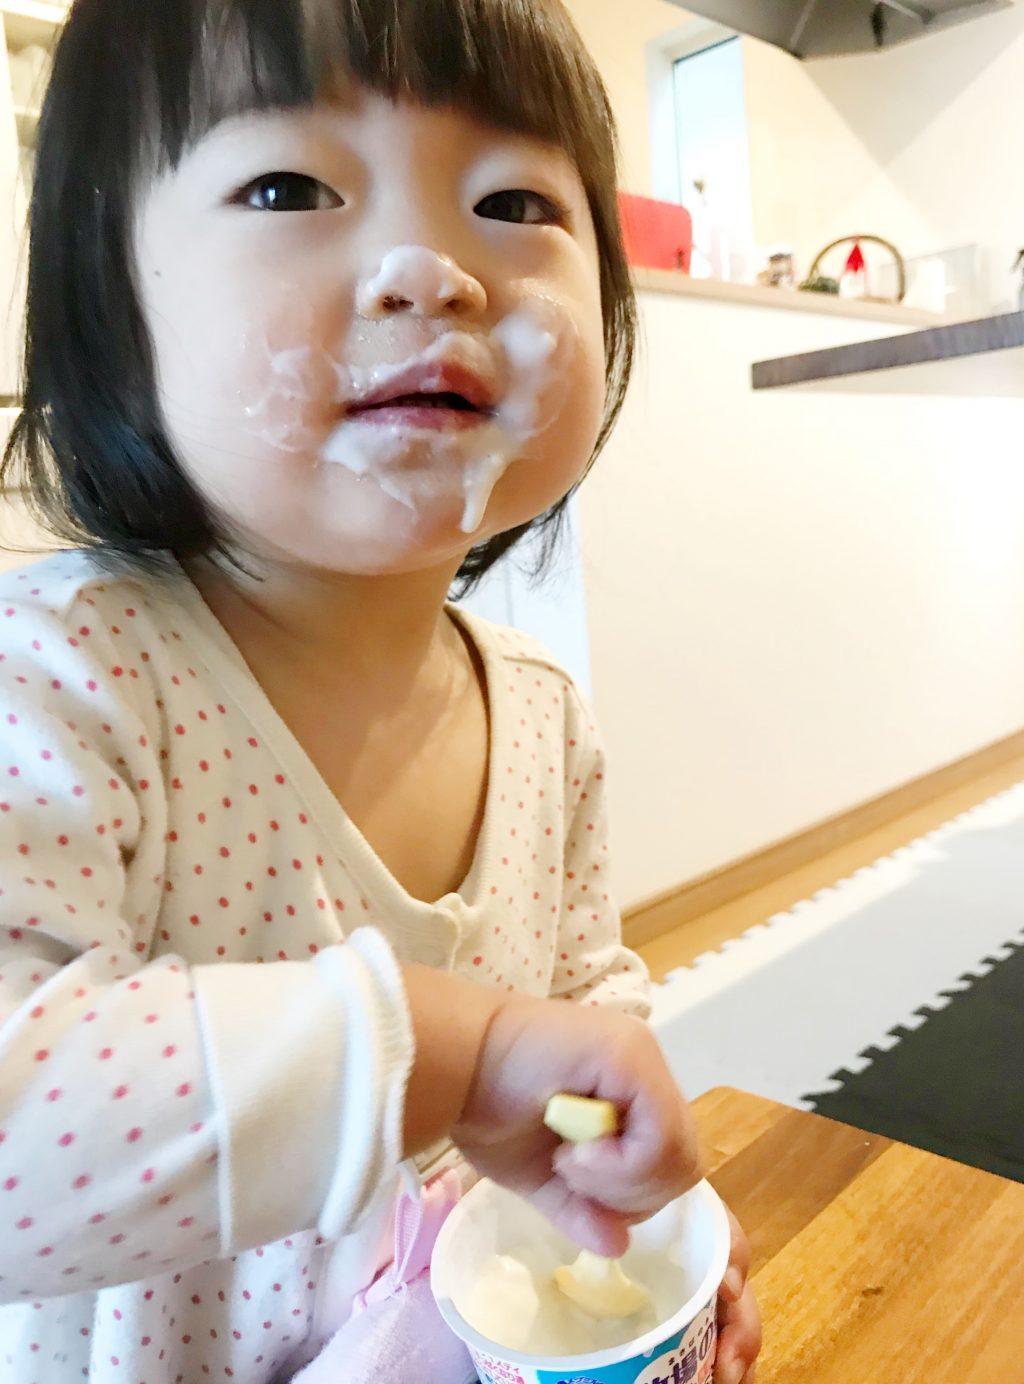 子どもの食べこぼしは当たり前!